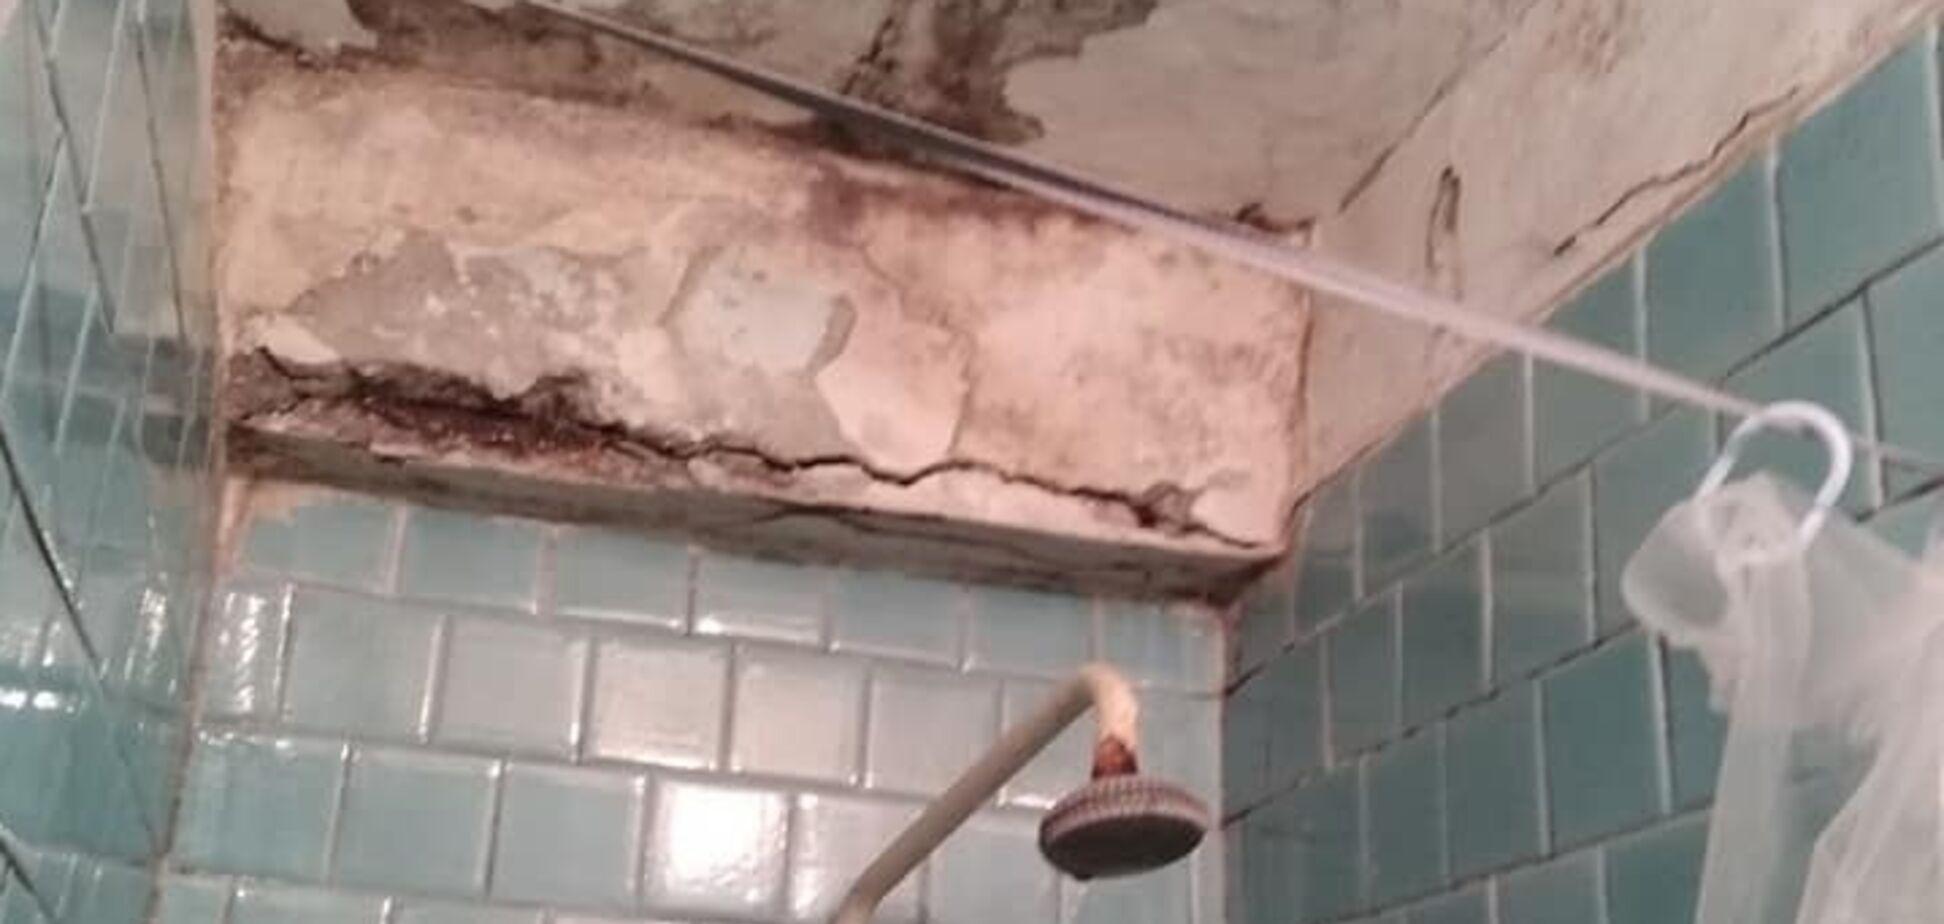 Пліснява і розбиті стелі: жахливий стан гуртожитку в Миколаєві обурив мережу